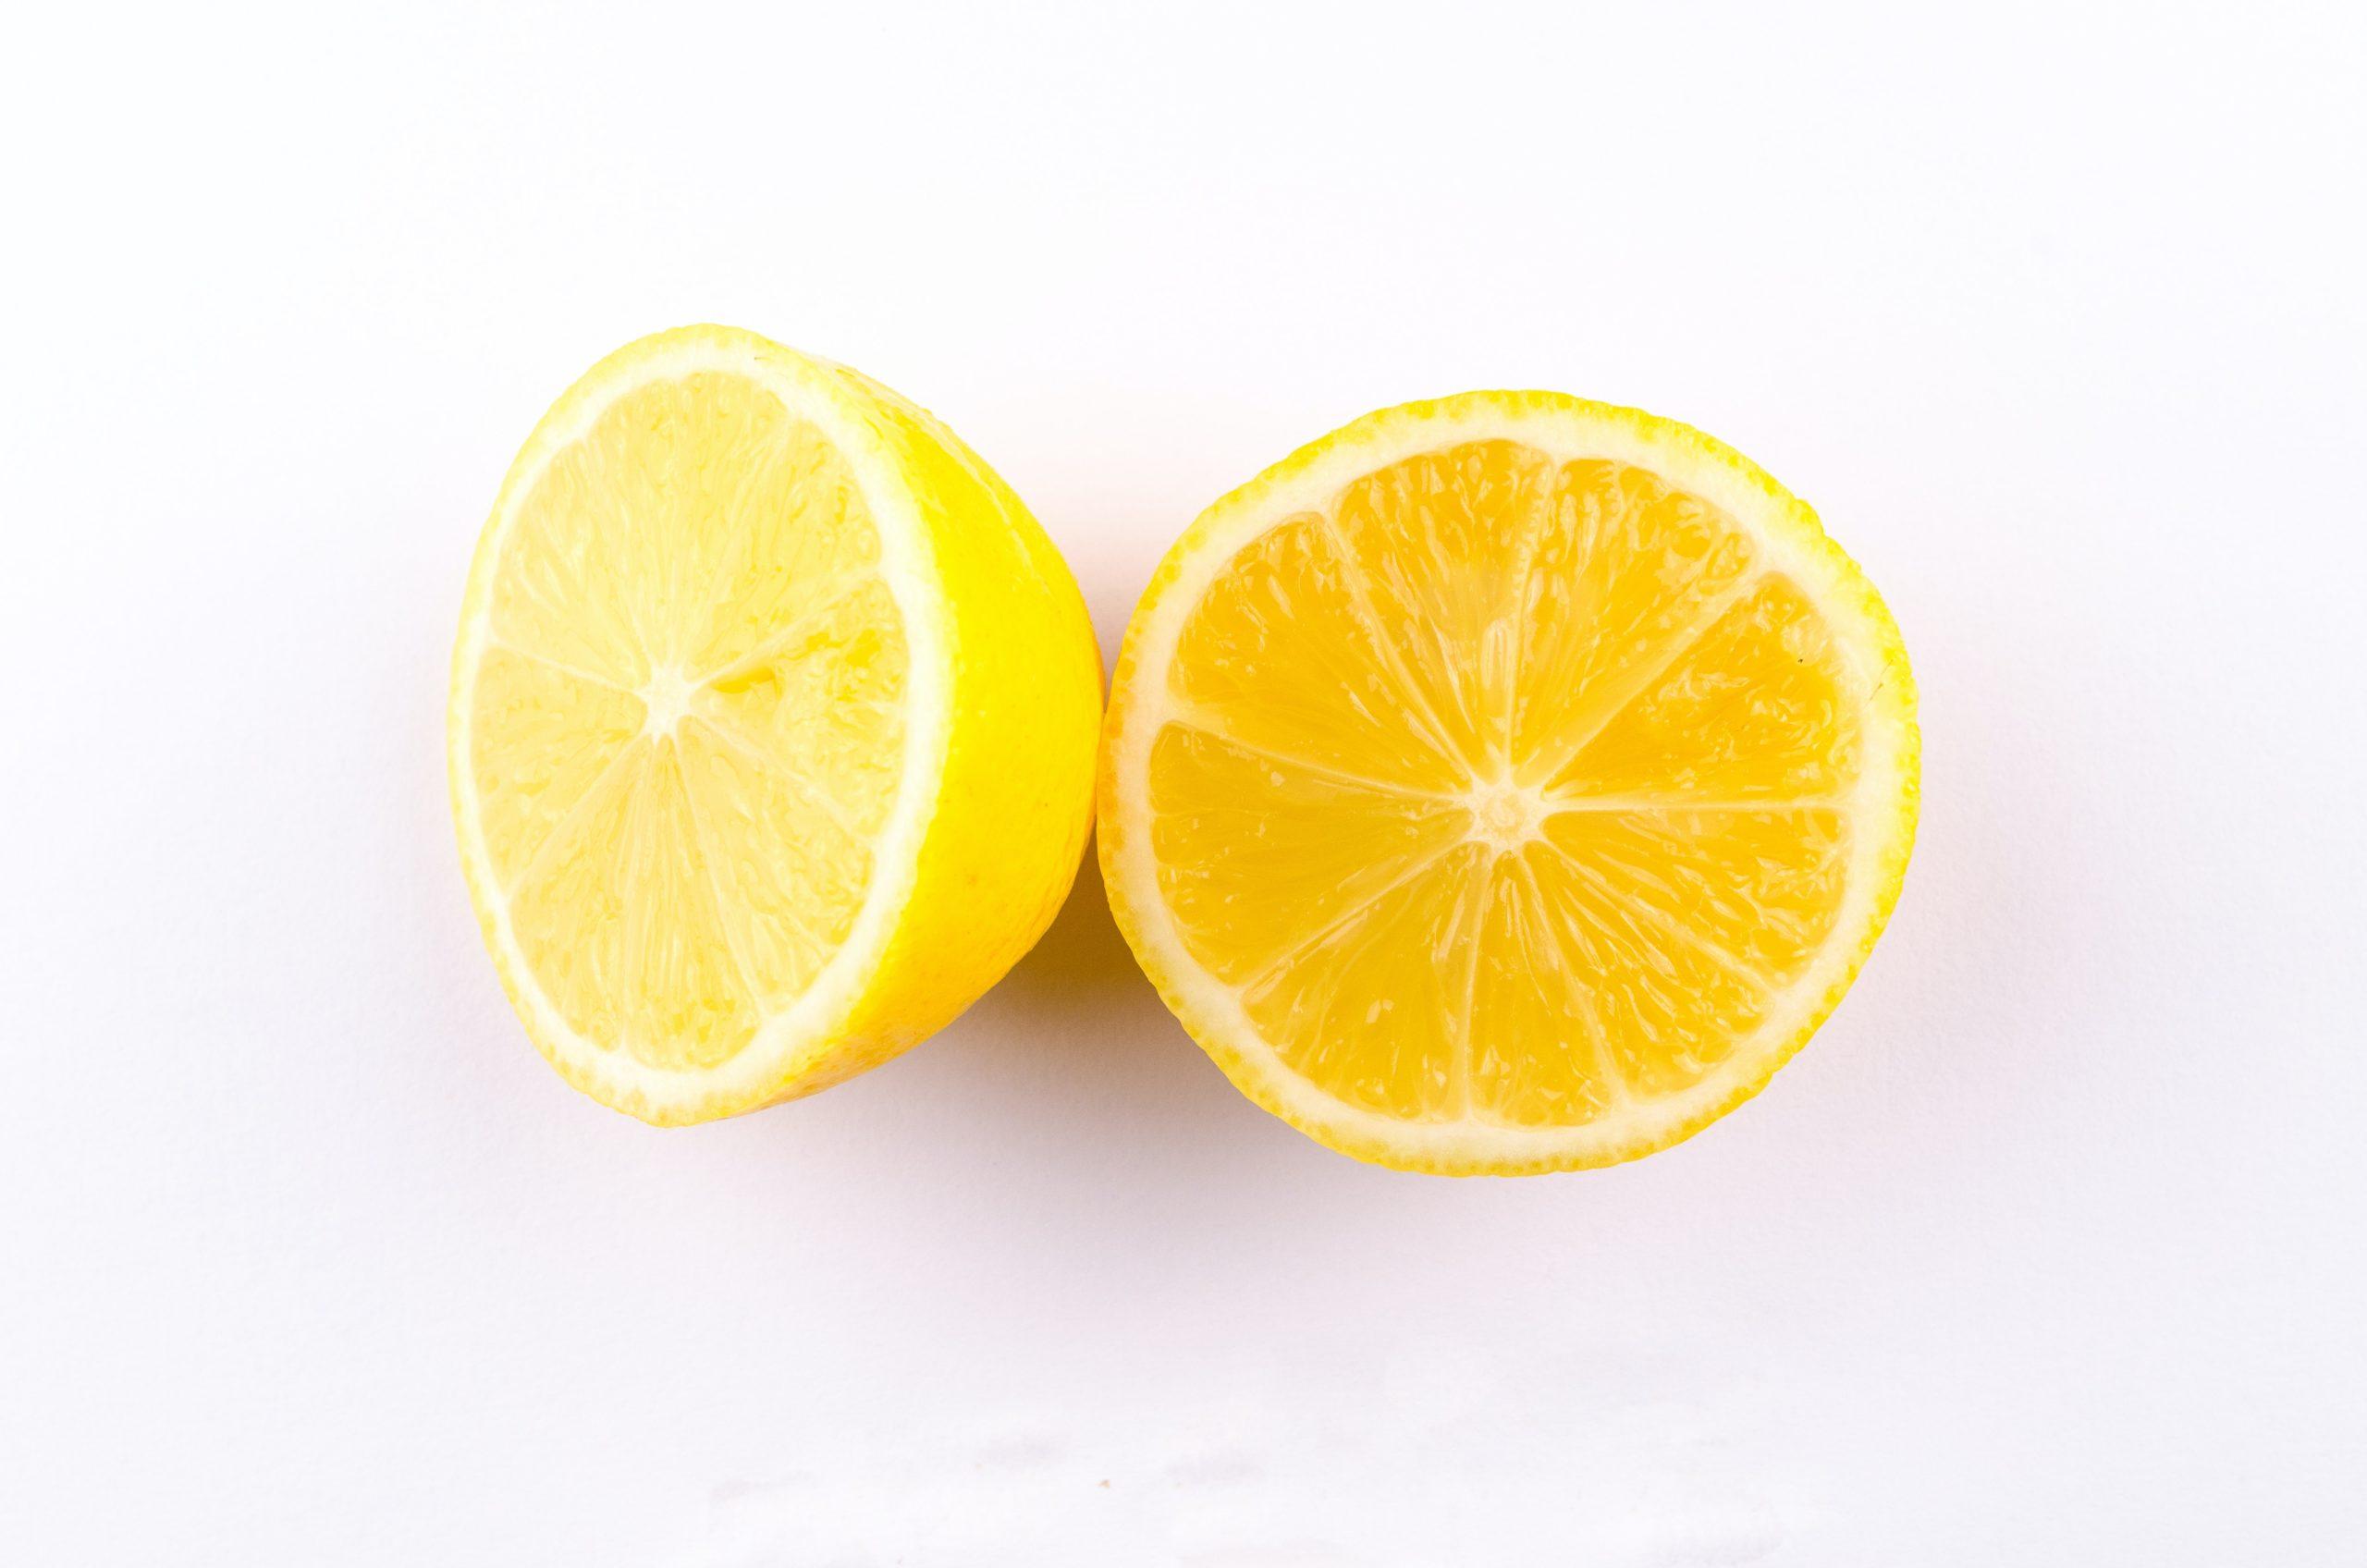 Le goût acidulé des aliments est détecté par les côtés de la langue.